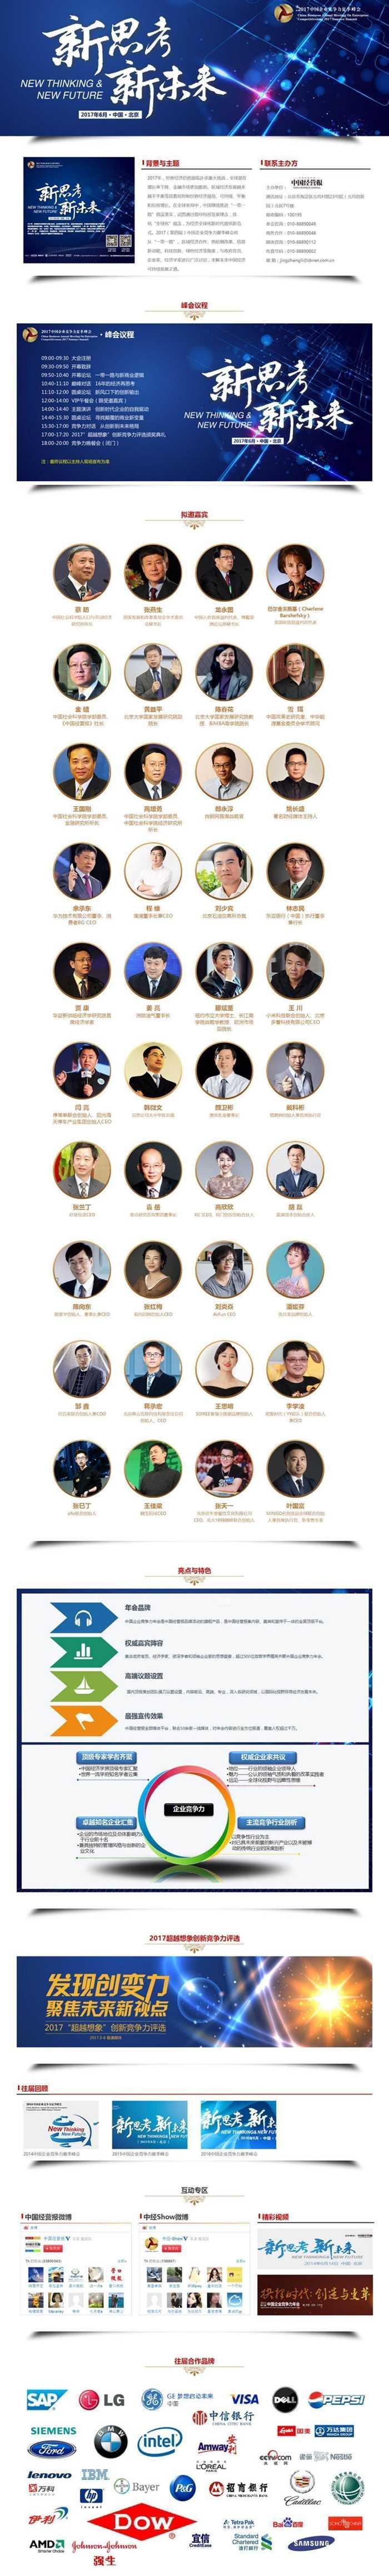 2017(第四届)中国企业竞争力夏季峰会-会议活动-中国经营网_副本.png